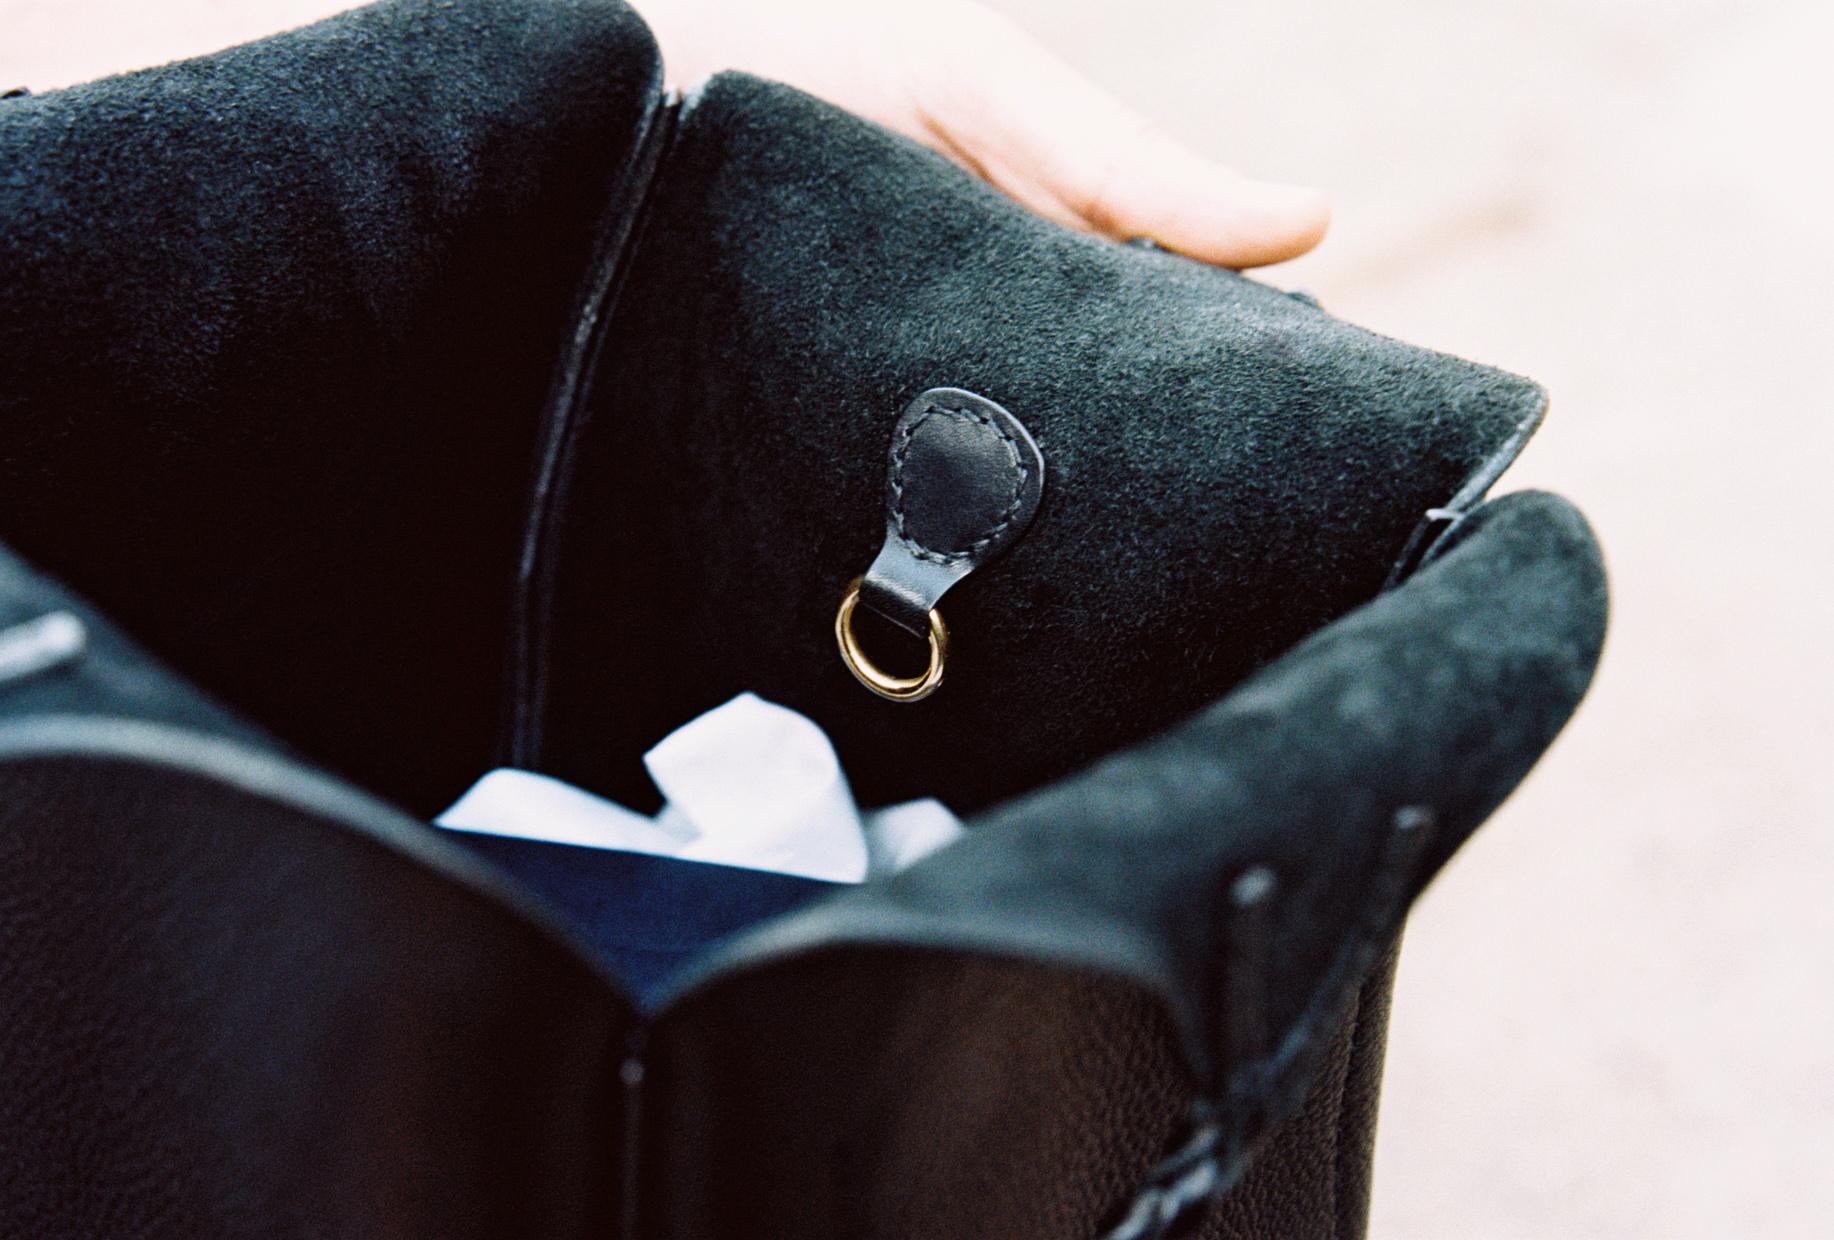 Copy of tallowin handbag interior lining